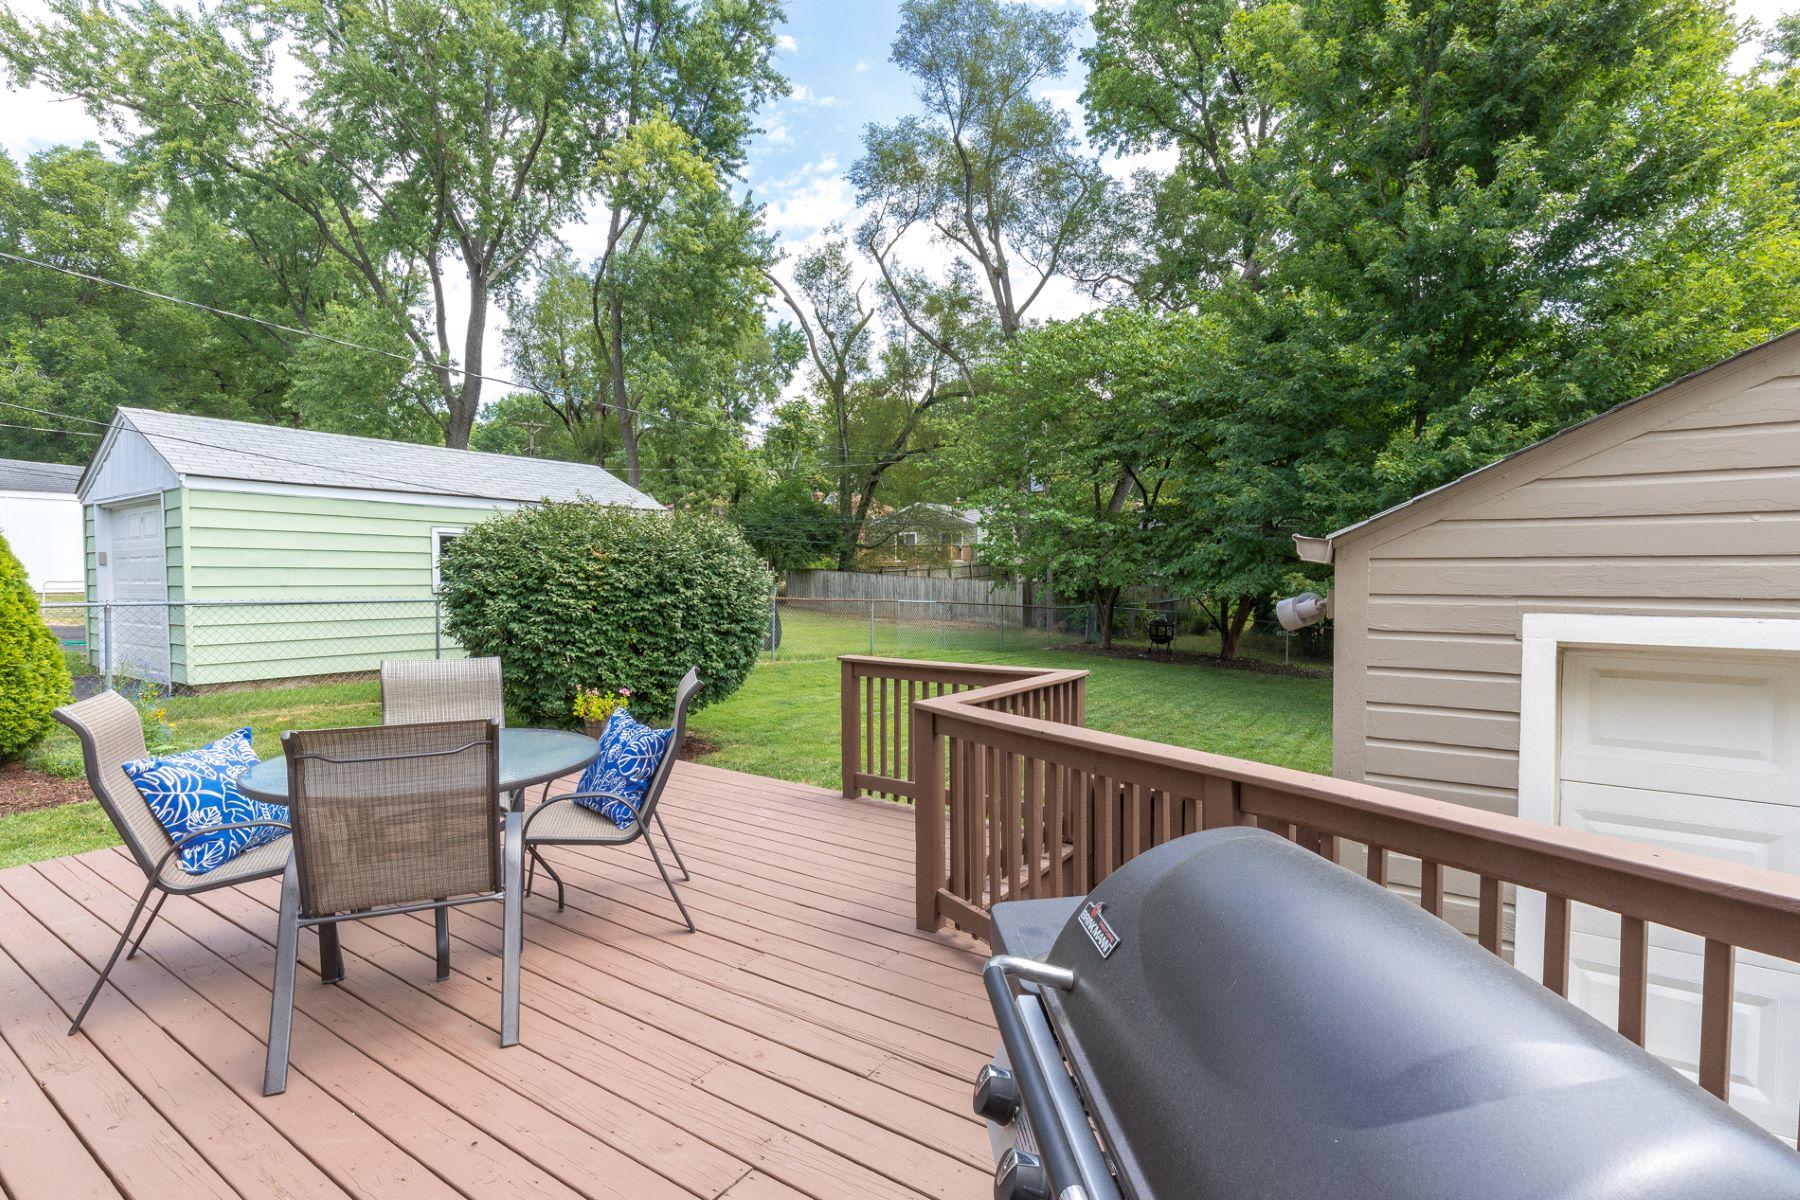 Additional photo for property listing at Lawndell Dr 2860 Lawndell Drive 布洛特伍德, 密苏里州 63144 美国